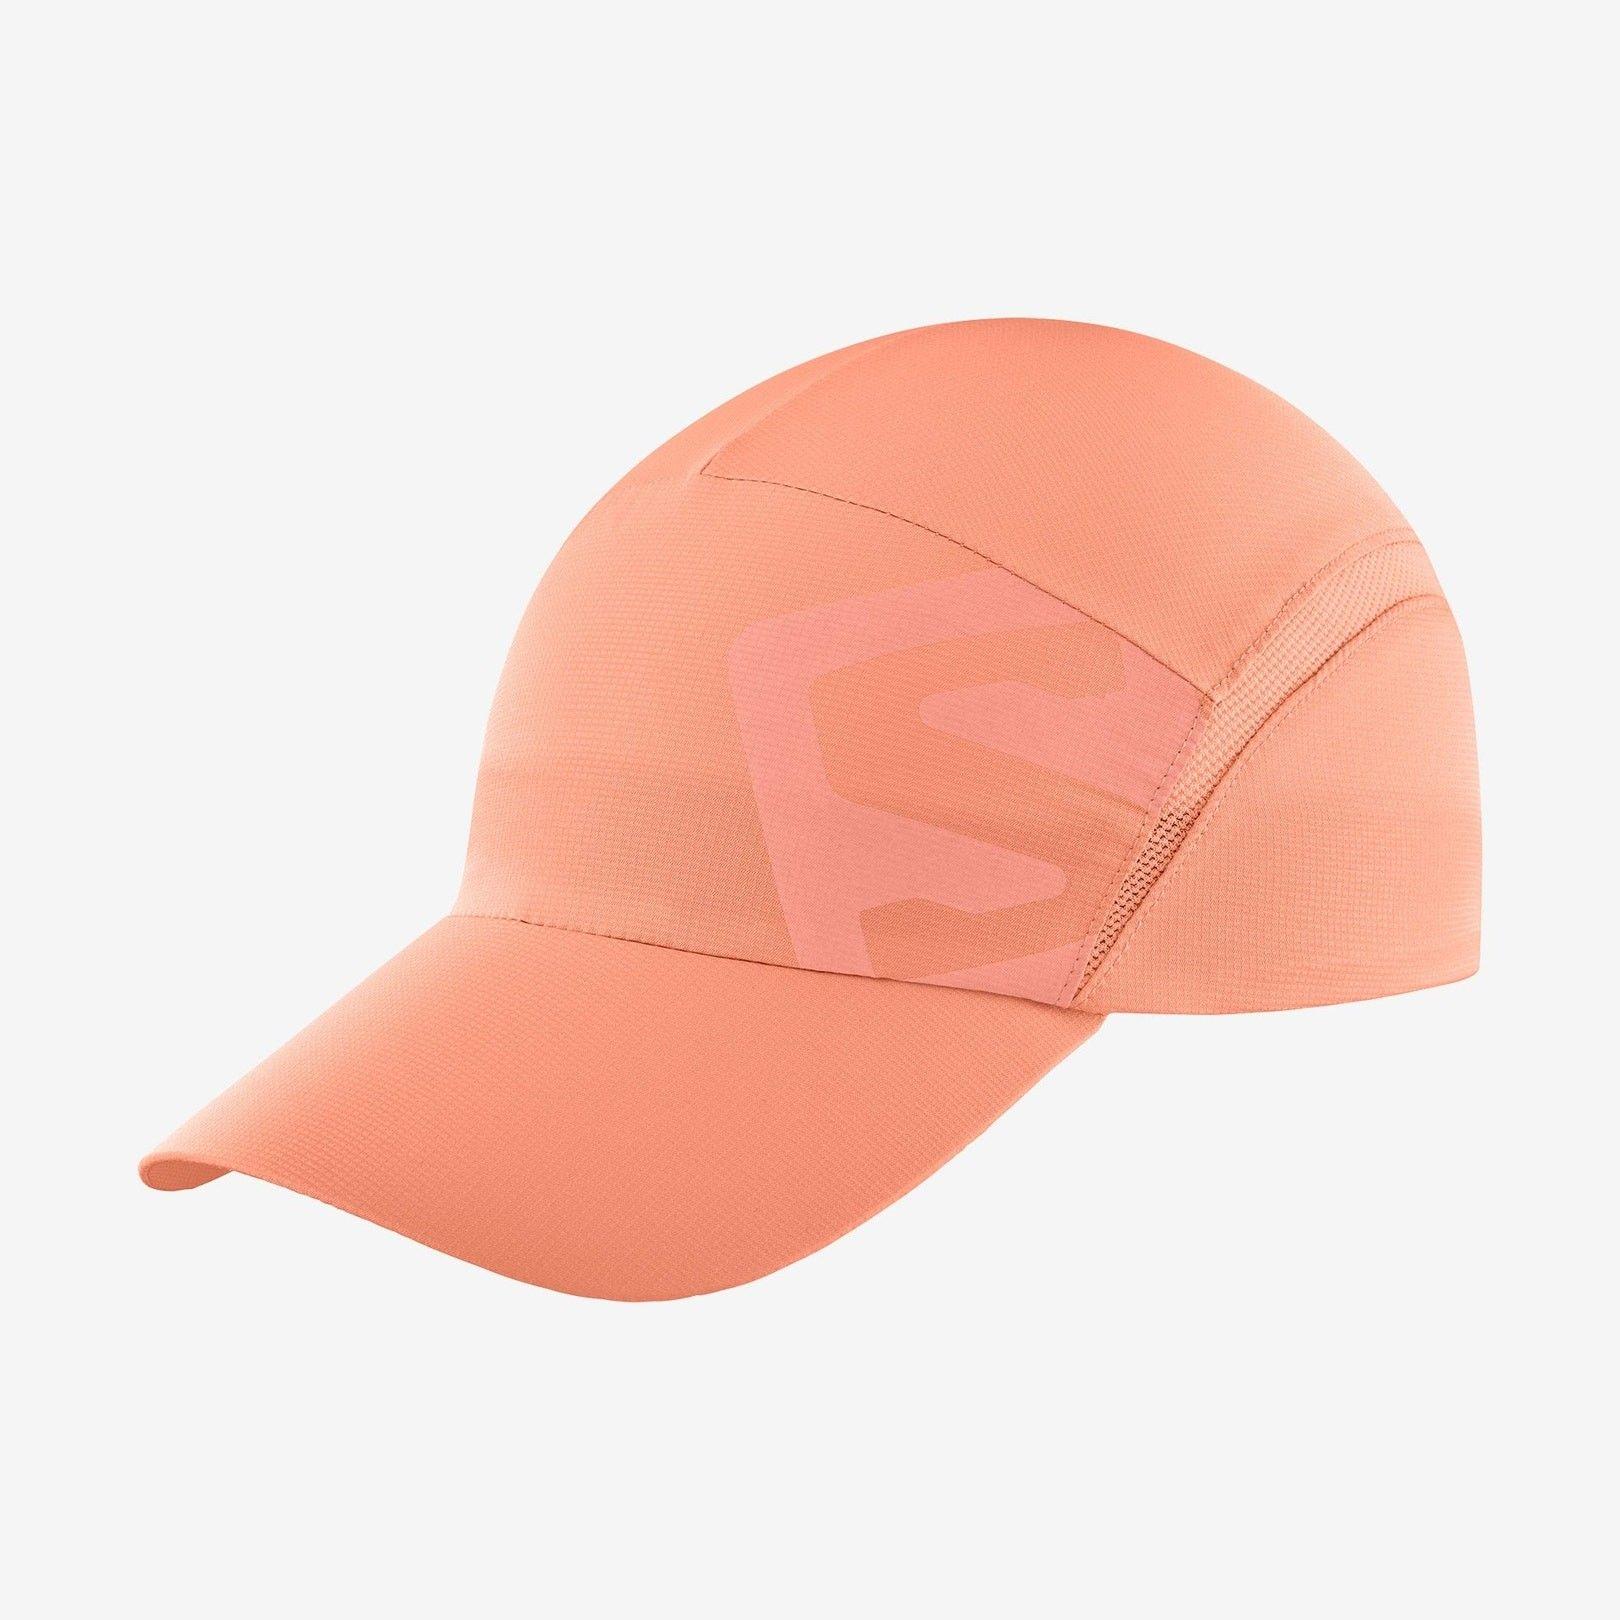 XA CAP PAPAYA